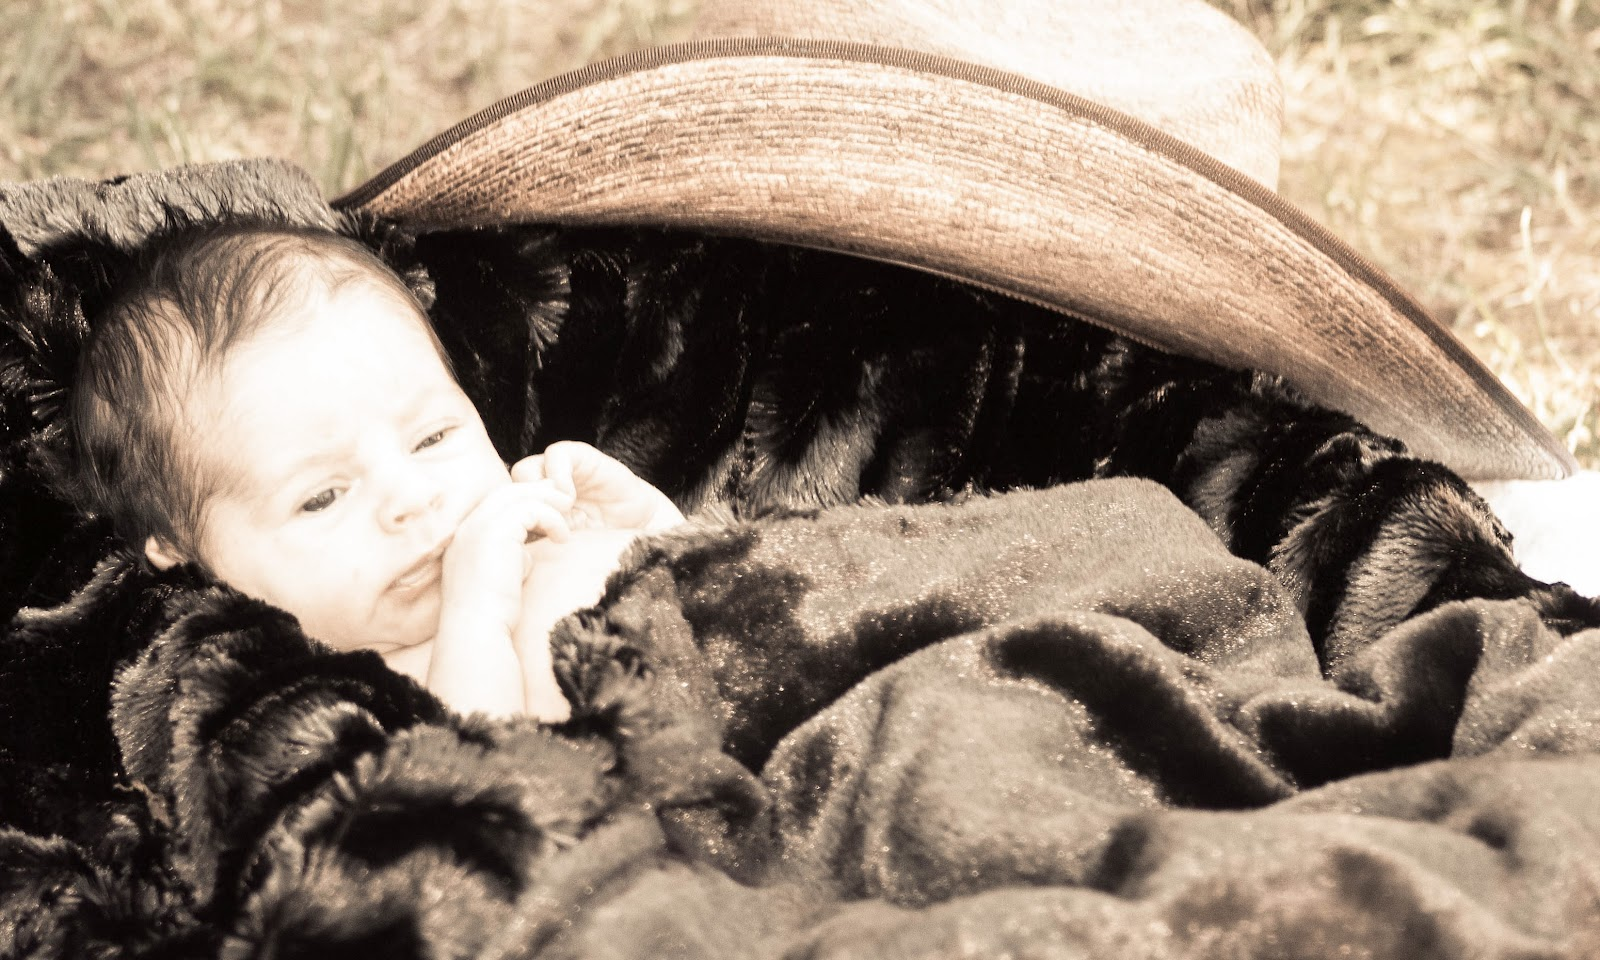 Deanna Kay Photography